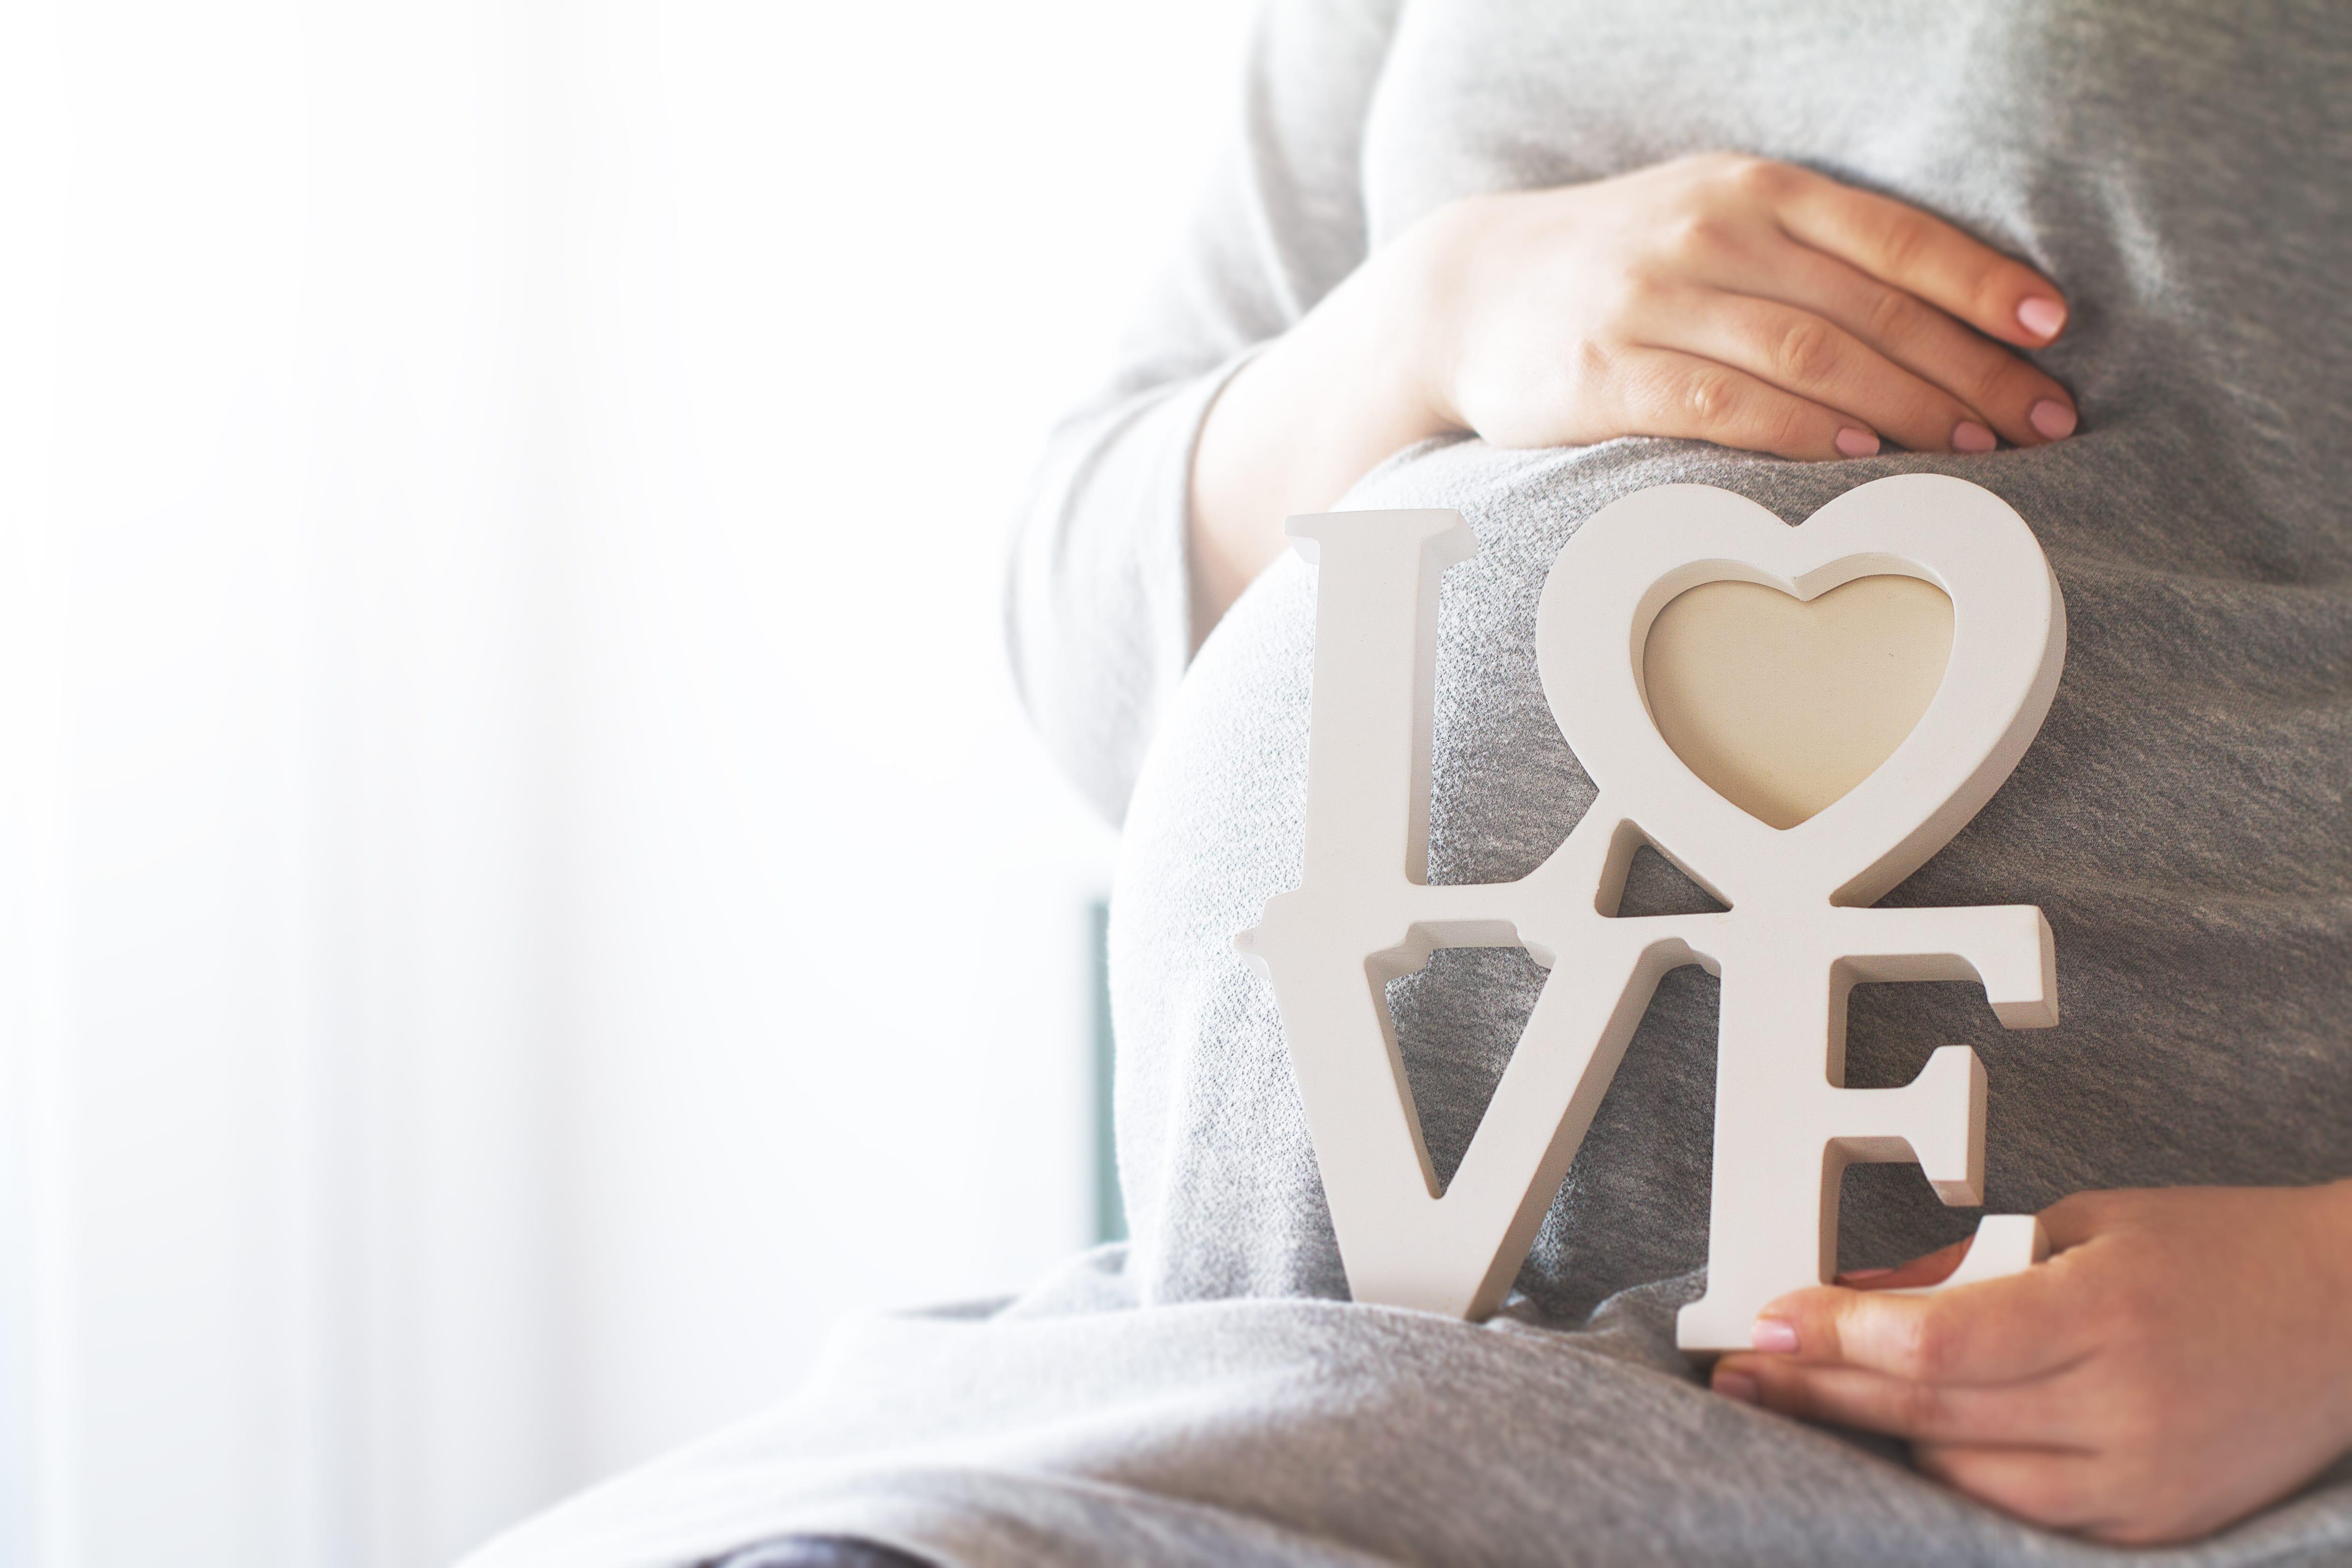 Ciąża i Poród - Poród - Najważniejsze Informacje Praktyczne